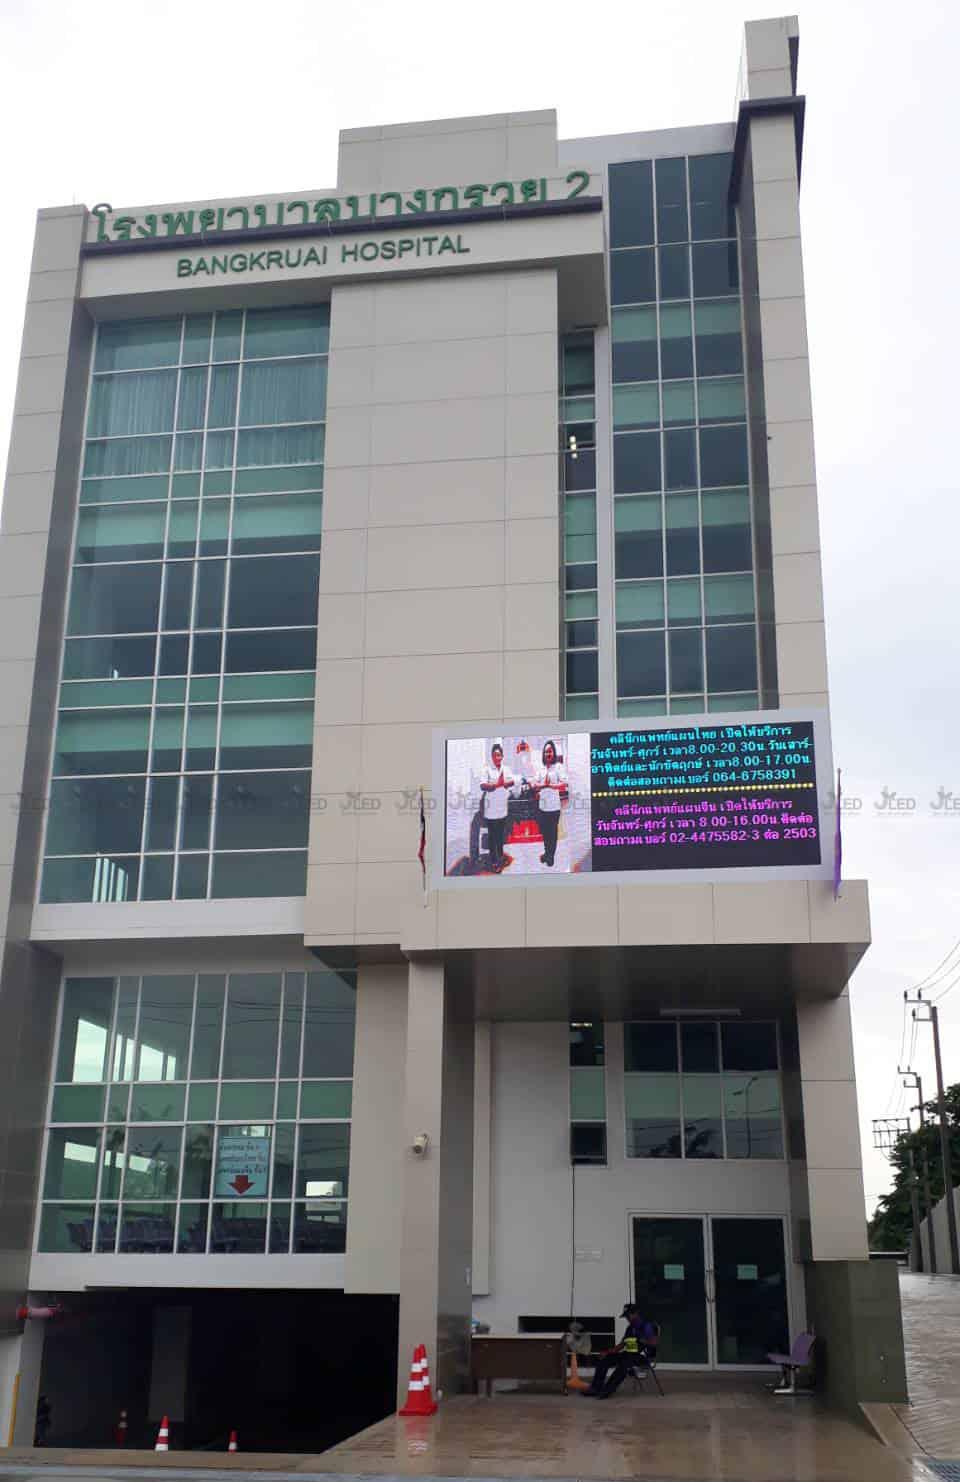 จอled display outdoor p10 โรงพยาบาลบางกรวย2 jled 02